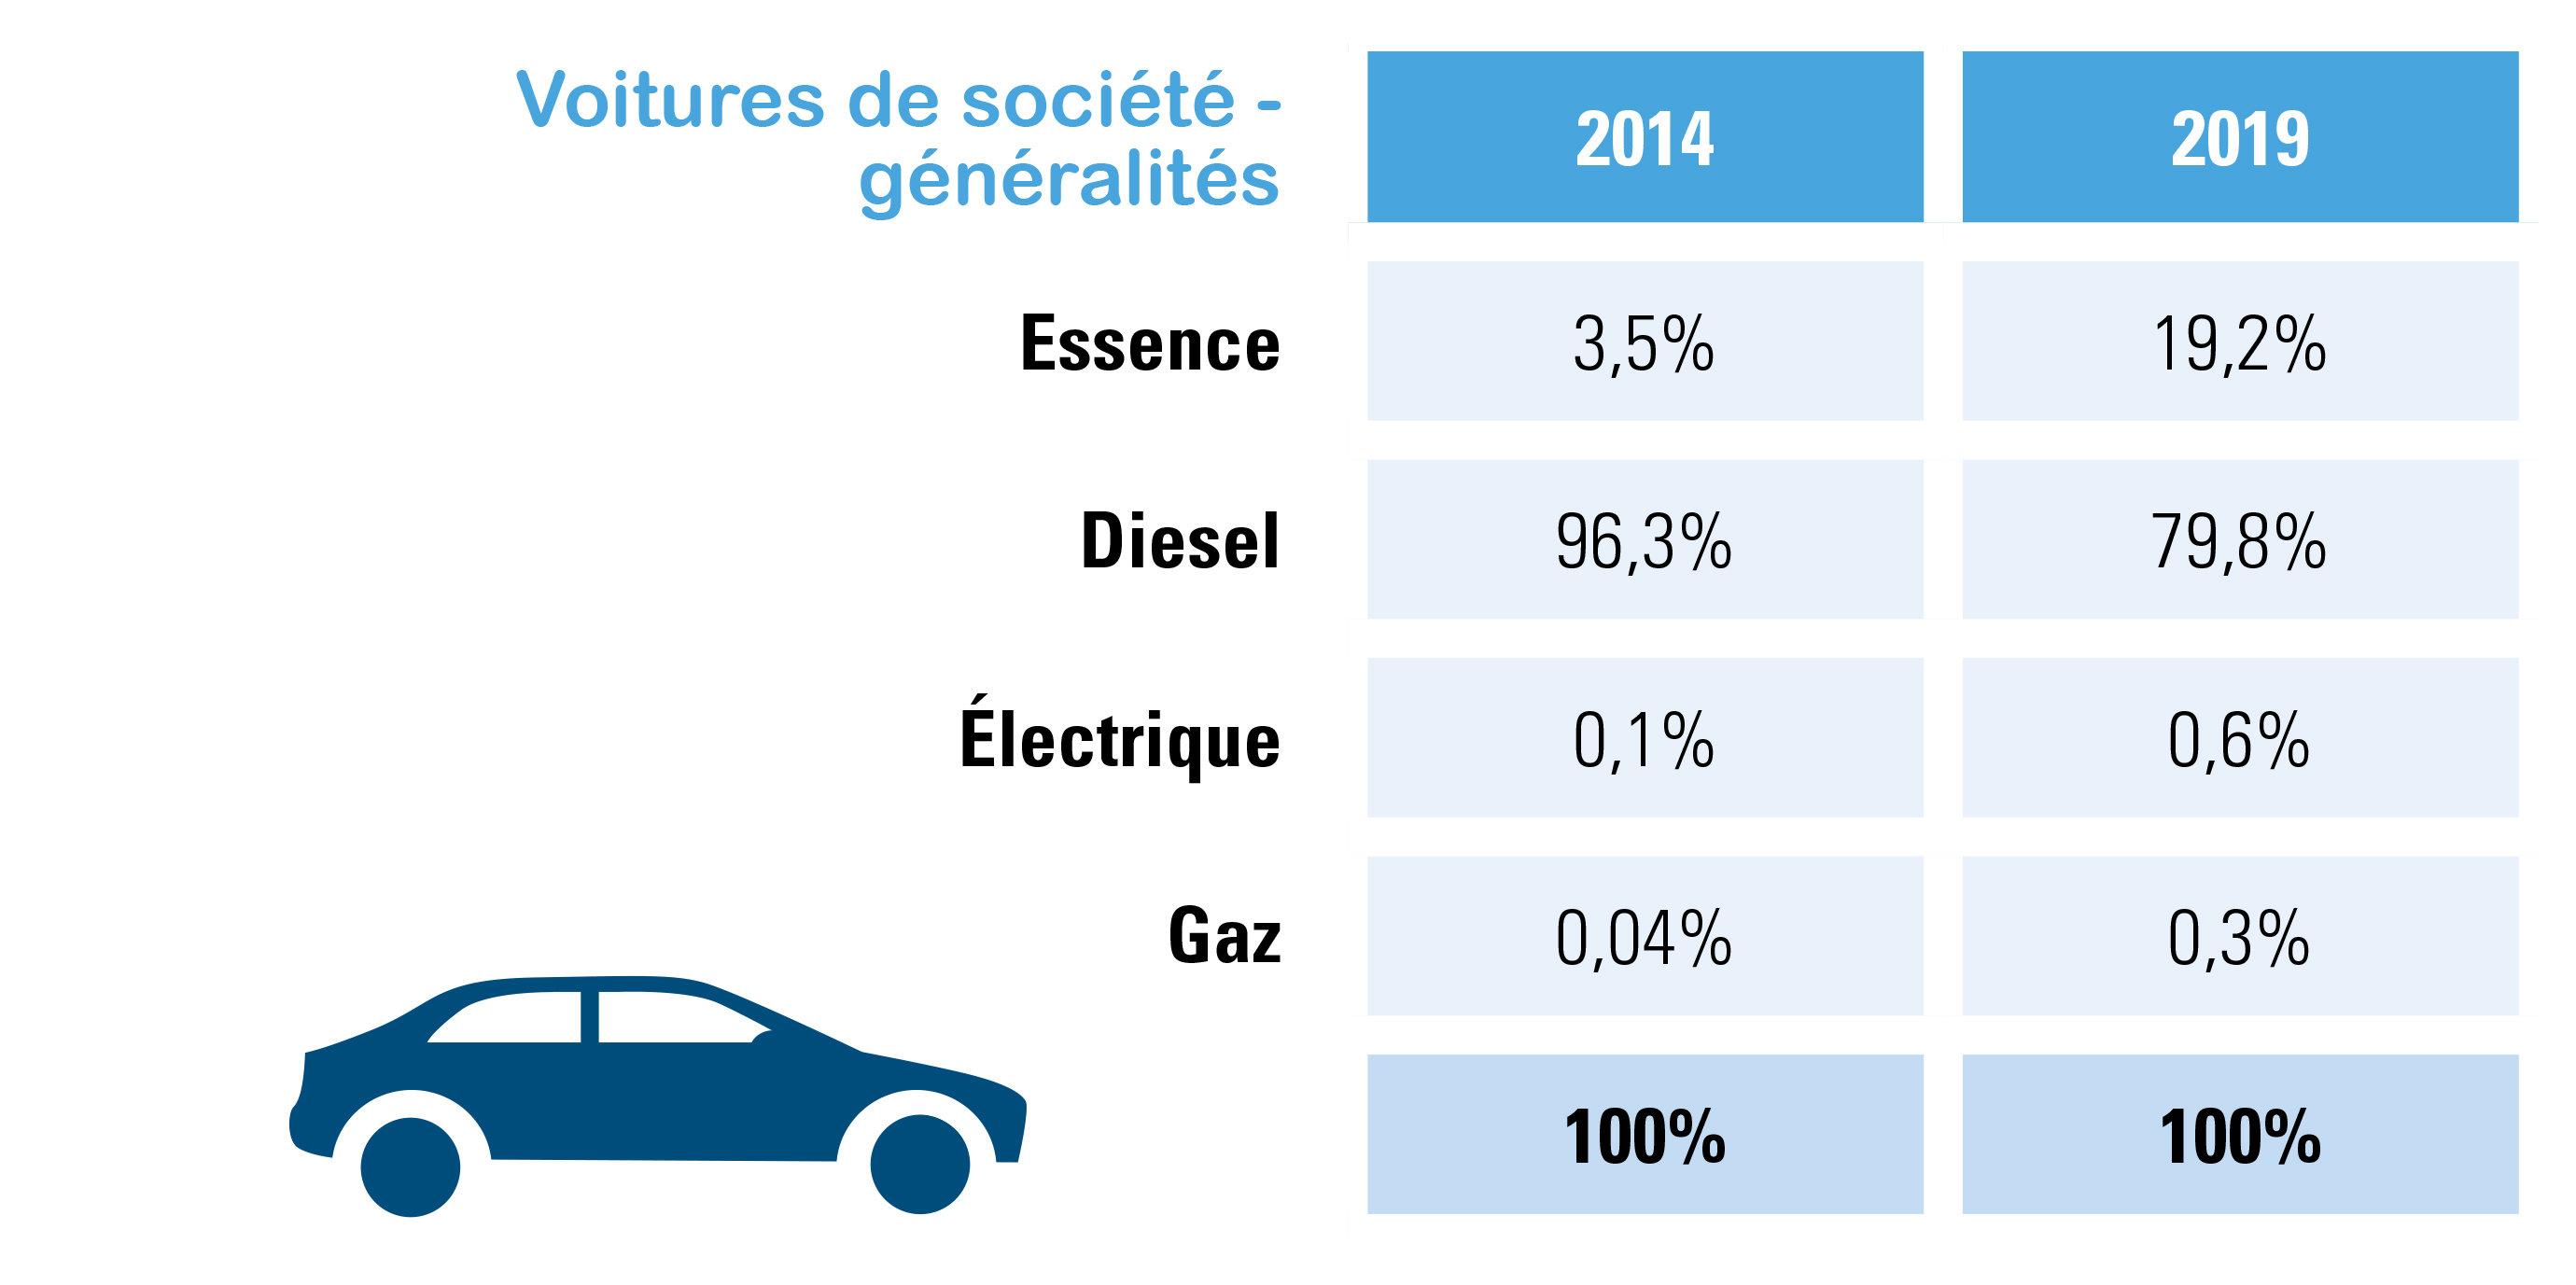 Voitures de société en général, part selon le carburant